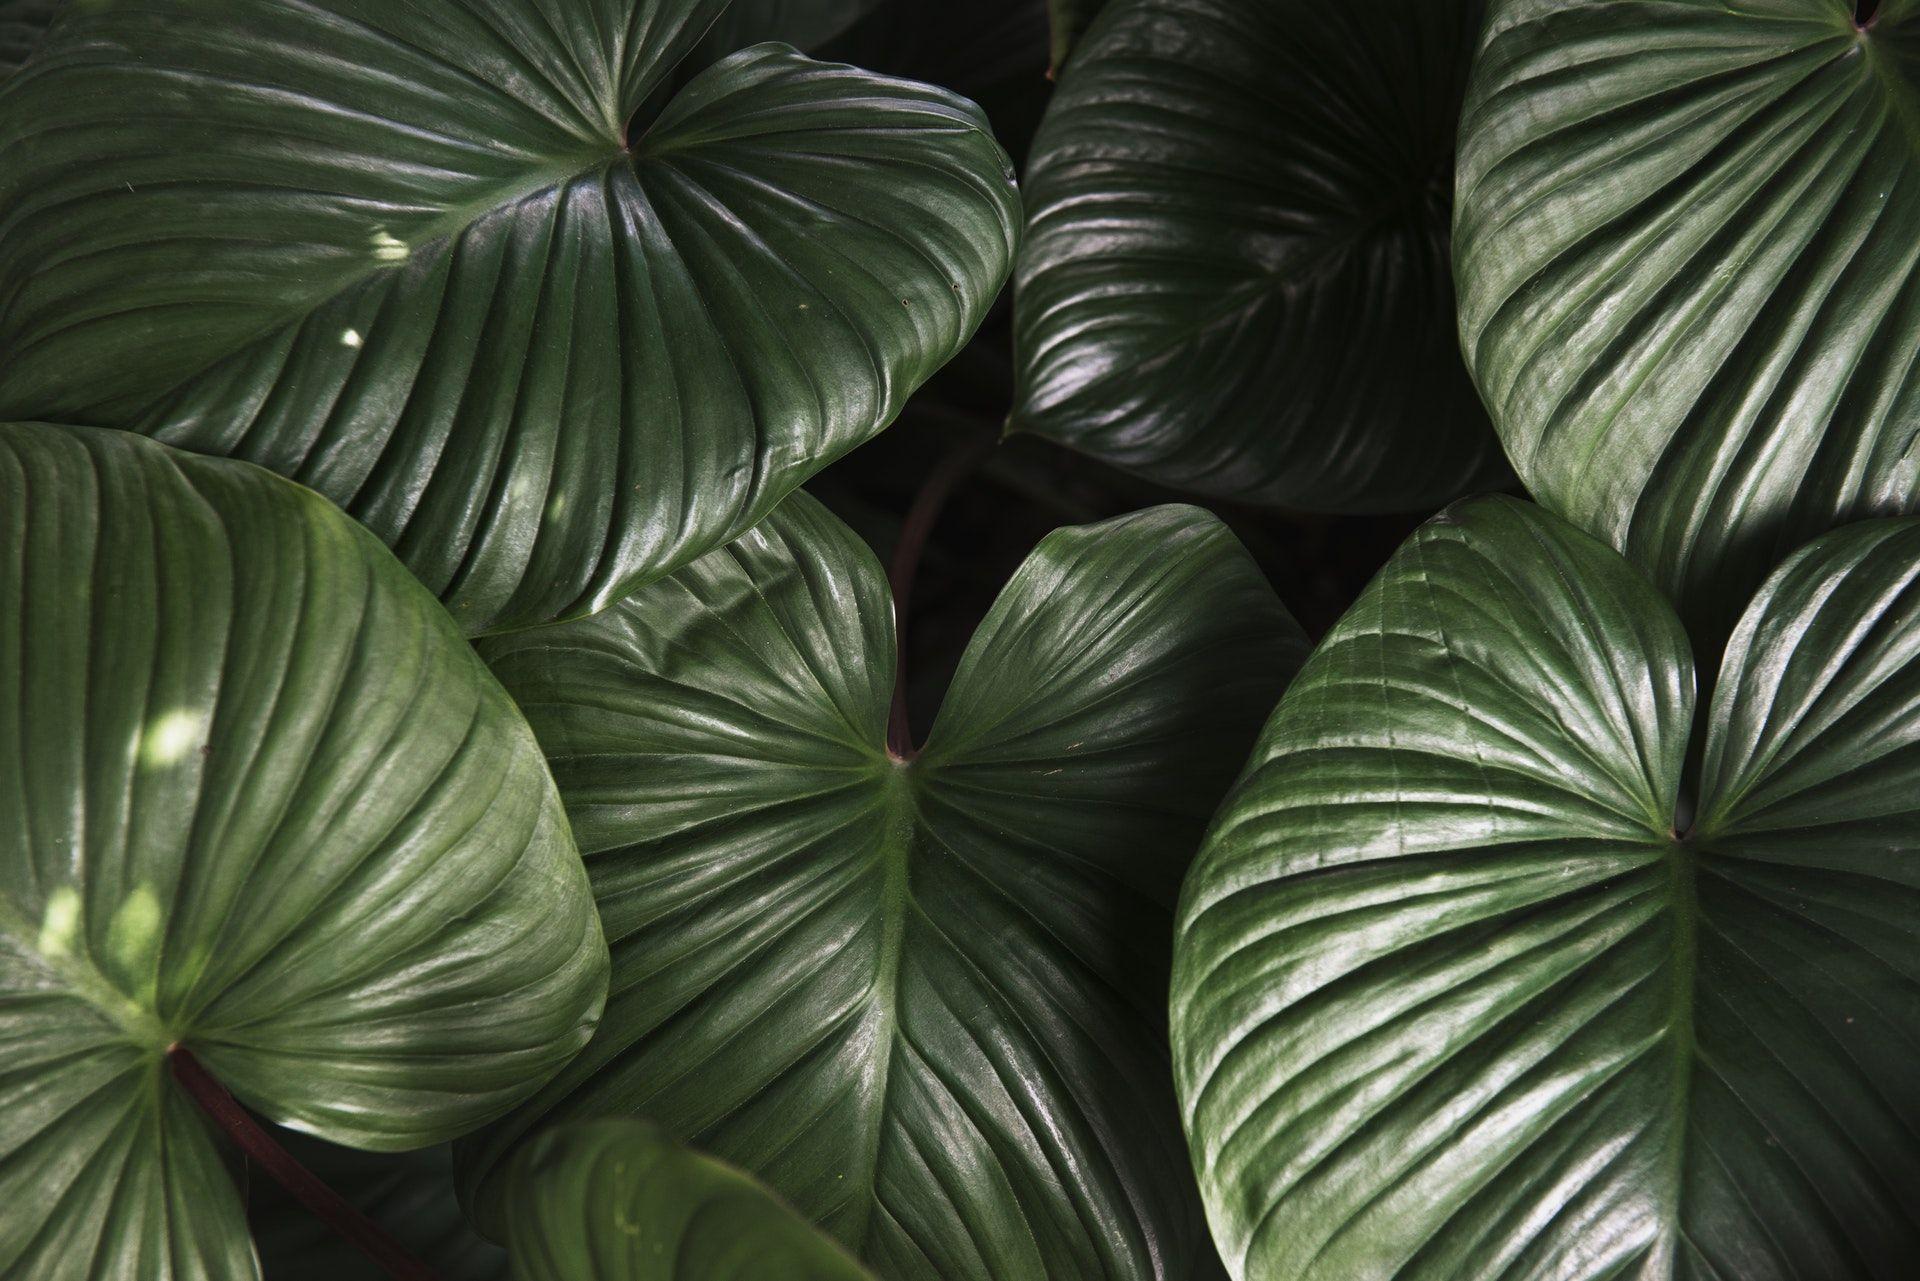 عکس زمینه برگ سبز با طراوت پس زمینه